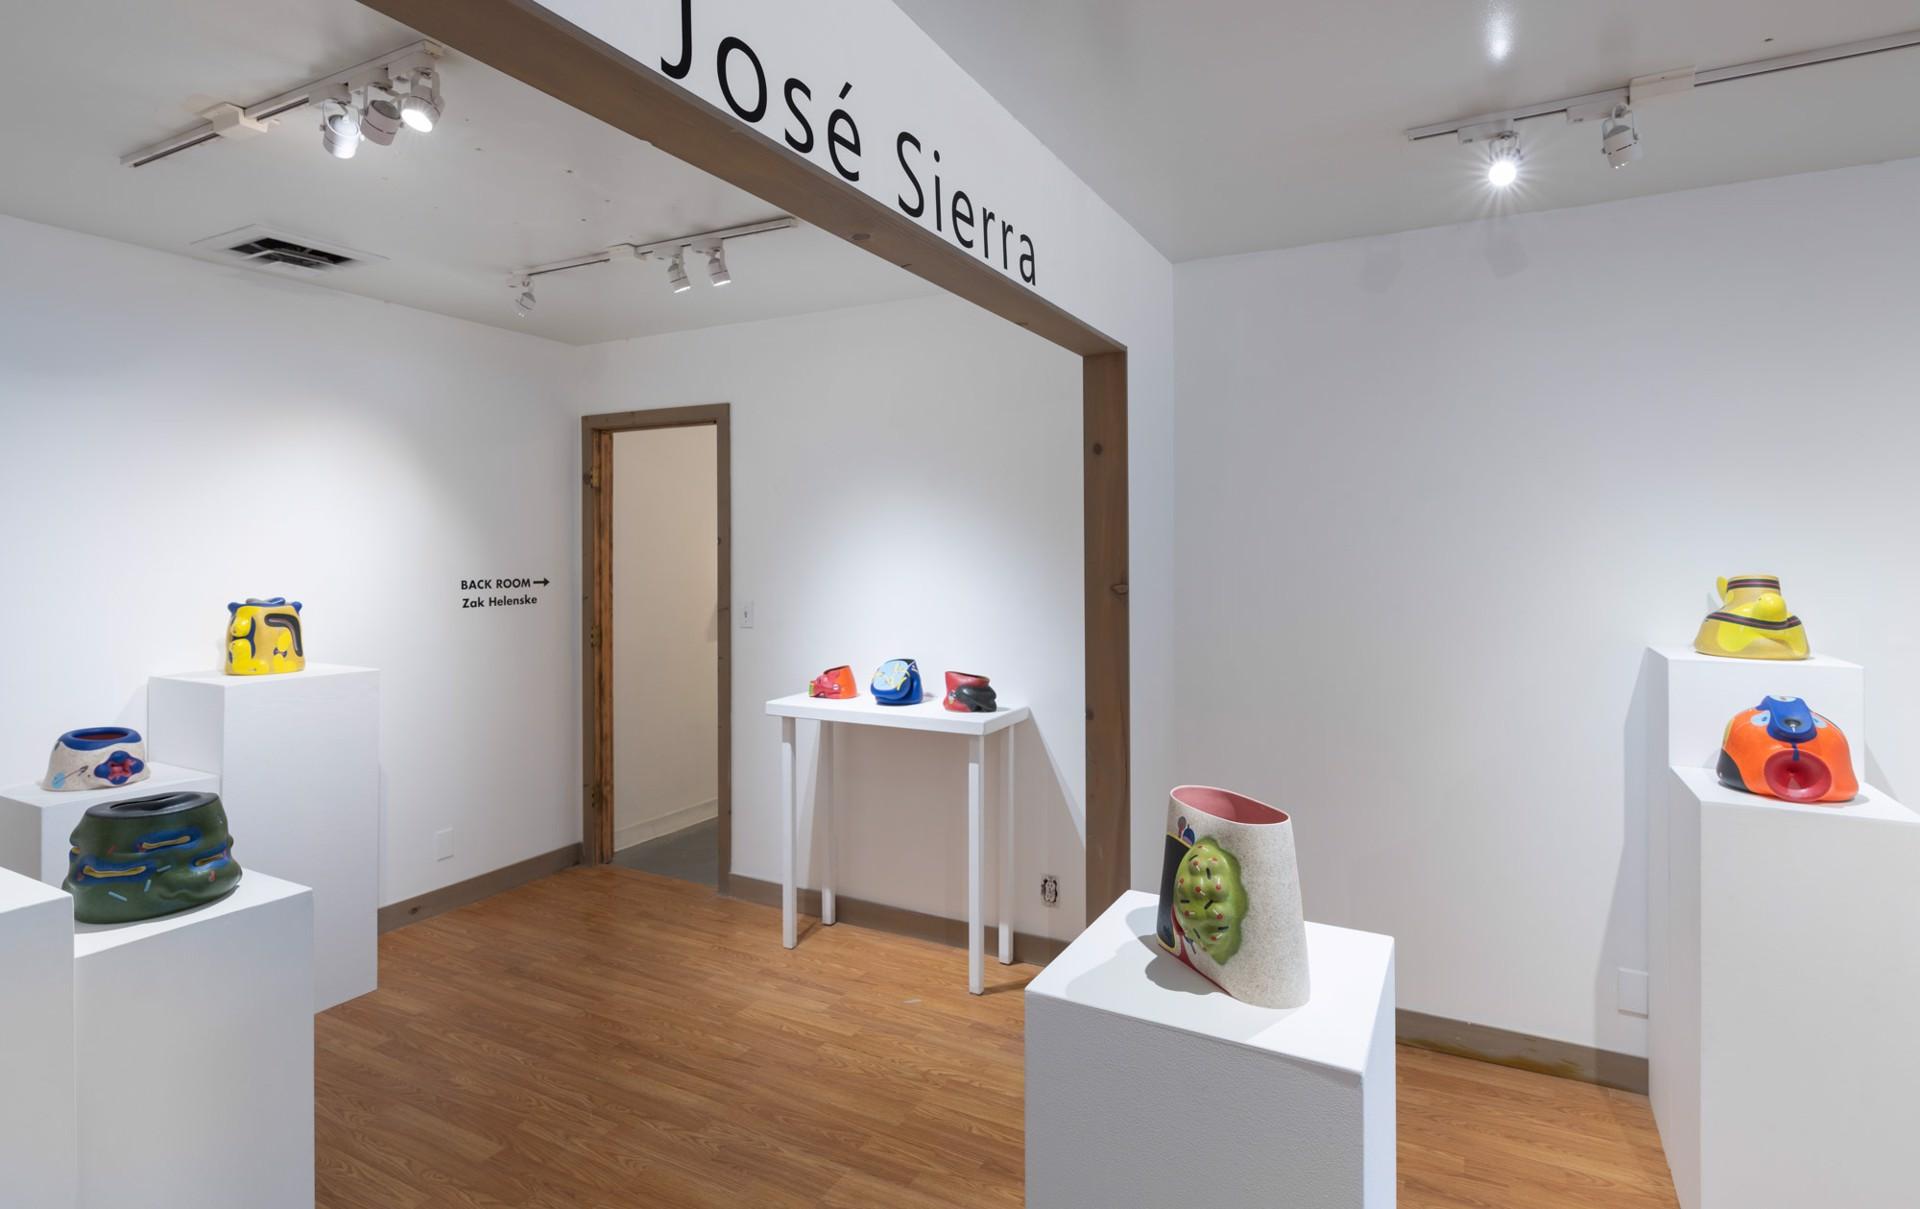 José Sierra, July 2019 by José Sierra